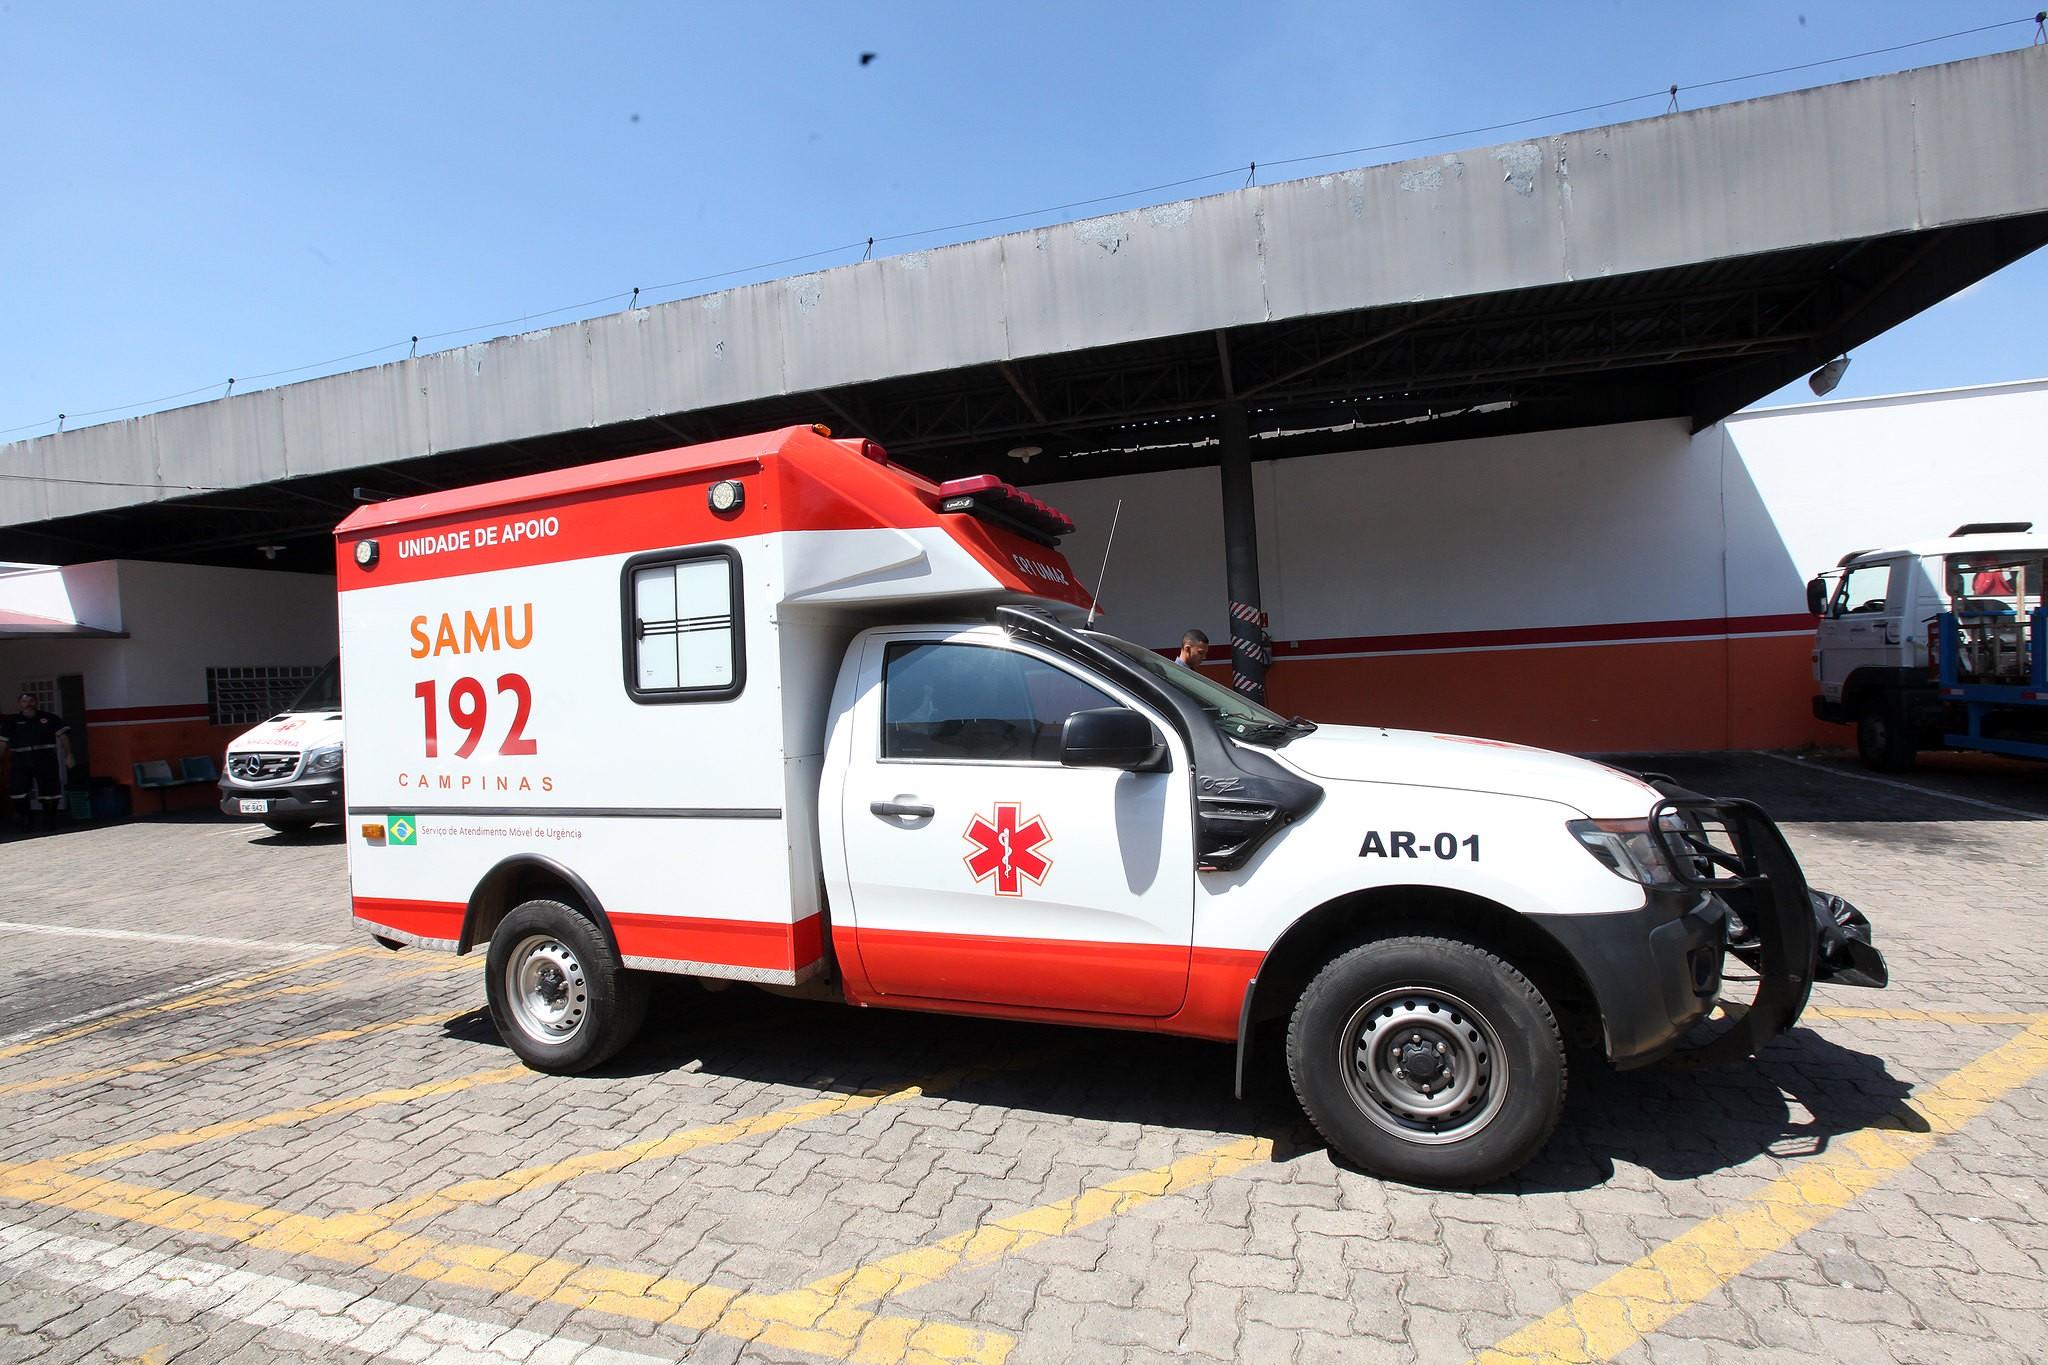 Samu em Campinas registra três funcionários diagnosticados com novo coronavírus, diz prefeitura